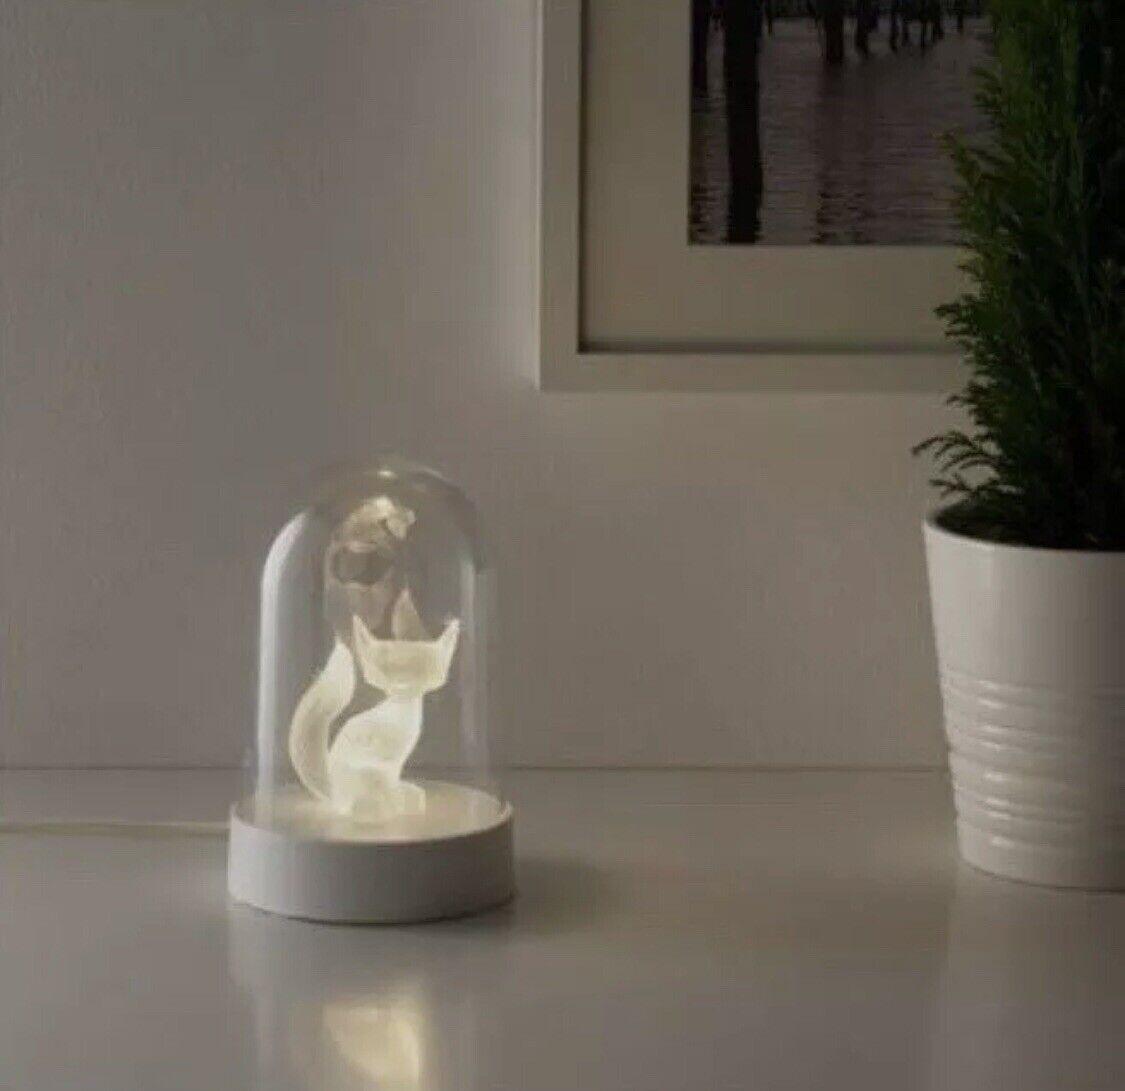 2 X IKEA STRALA LED Fuchs Tischdekoration Tisch Lampe Leuchte Fox Dekorativ